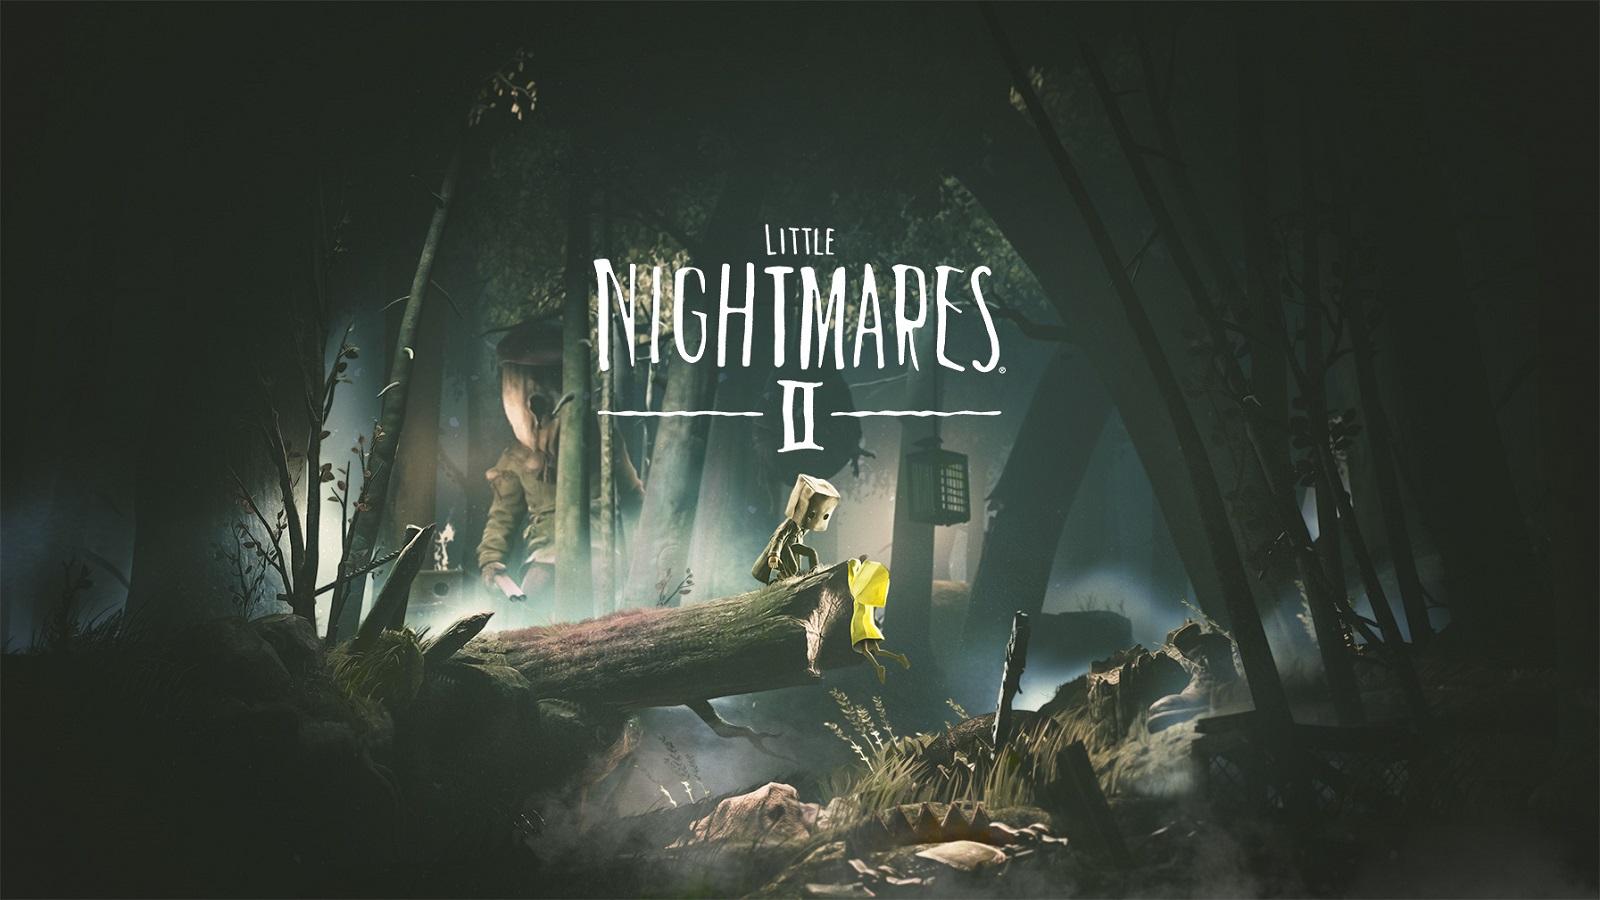 В Steam появилась демоверсия Little Nightmares II и стартовал сбор предзаказов